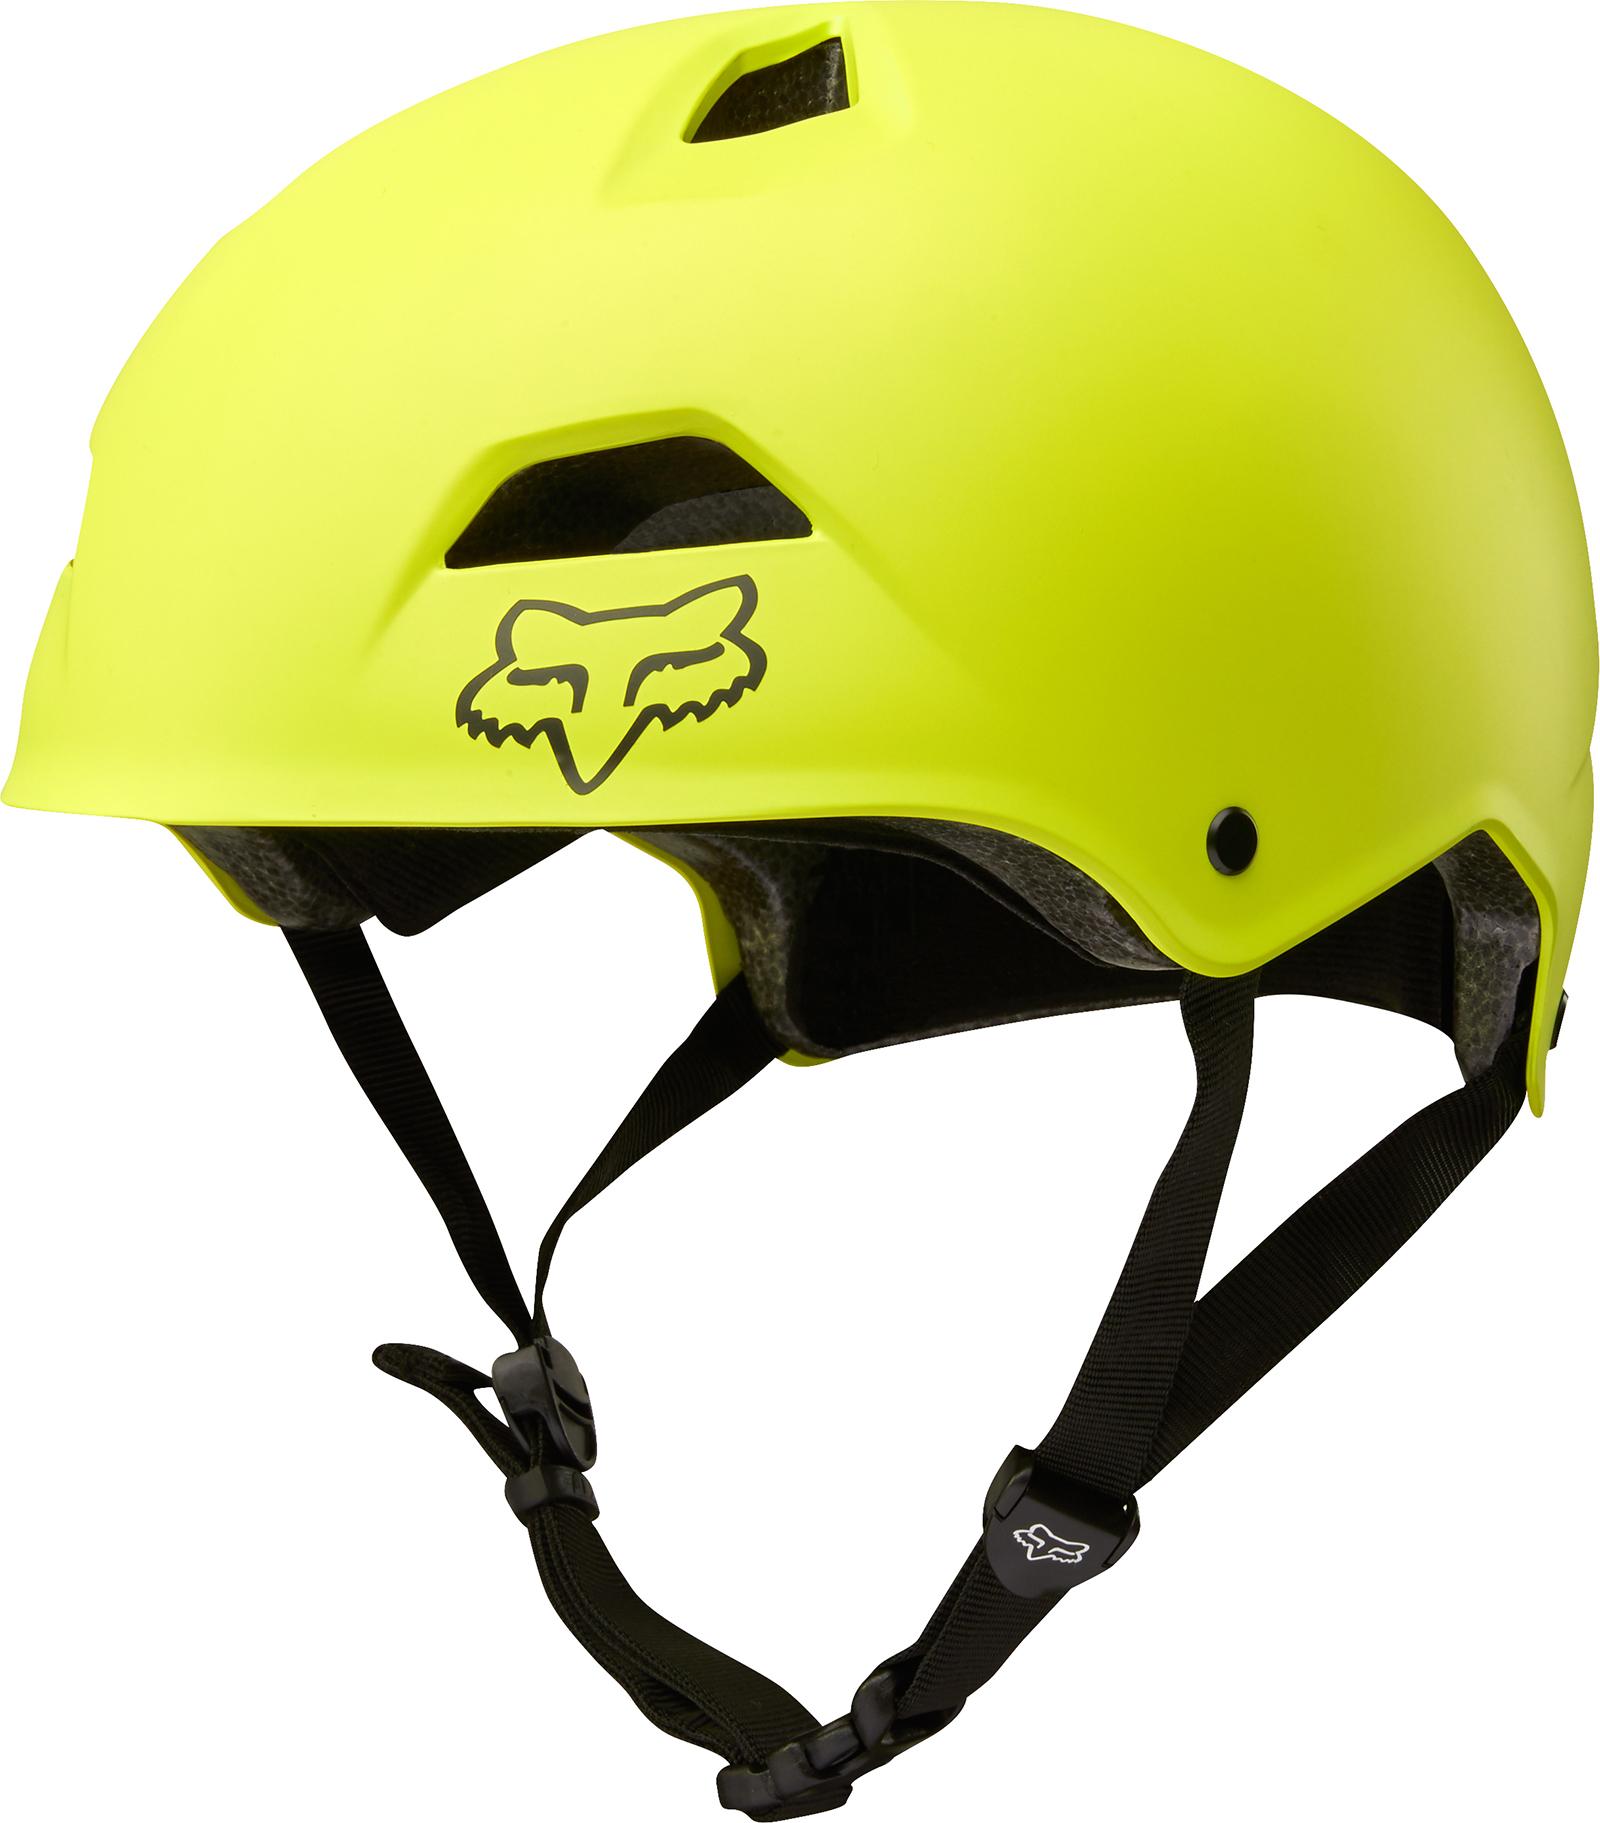 Fox-Head-Flight-Sport-Trail-Bike-Dirt-Jump-Adult-Protective-Helmet thumbnail 23